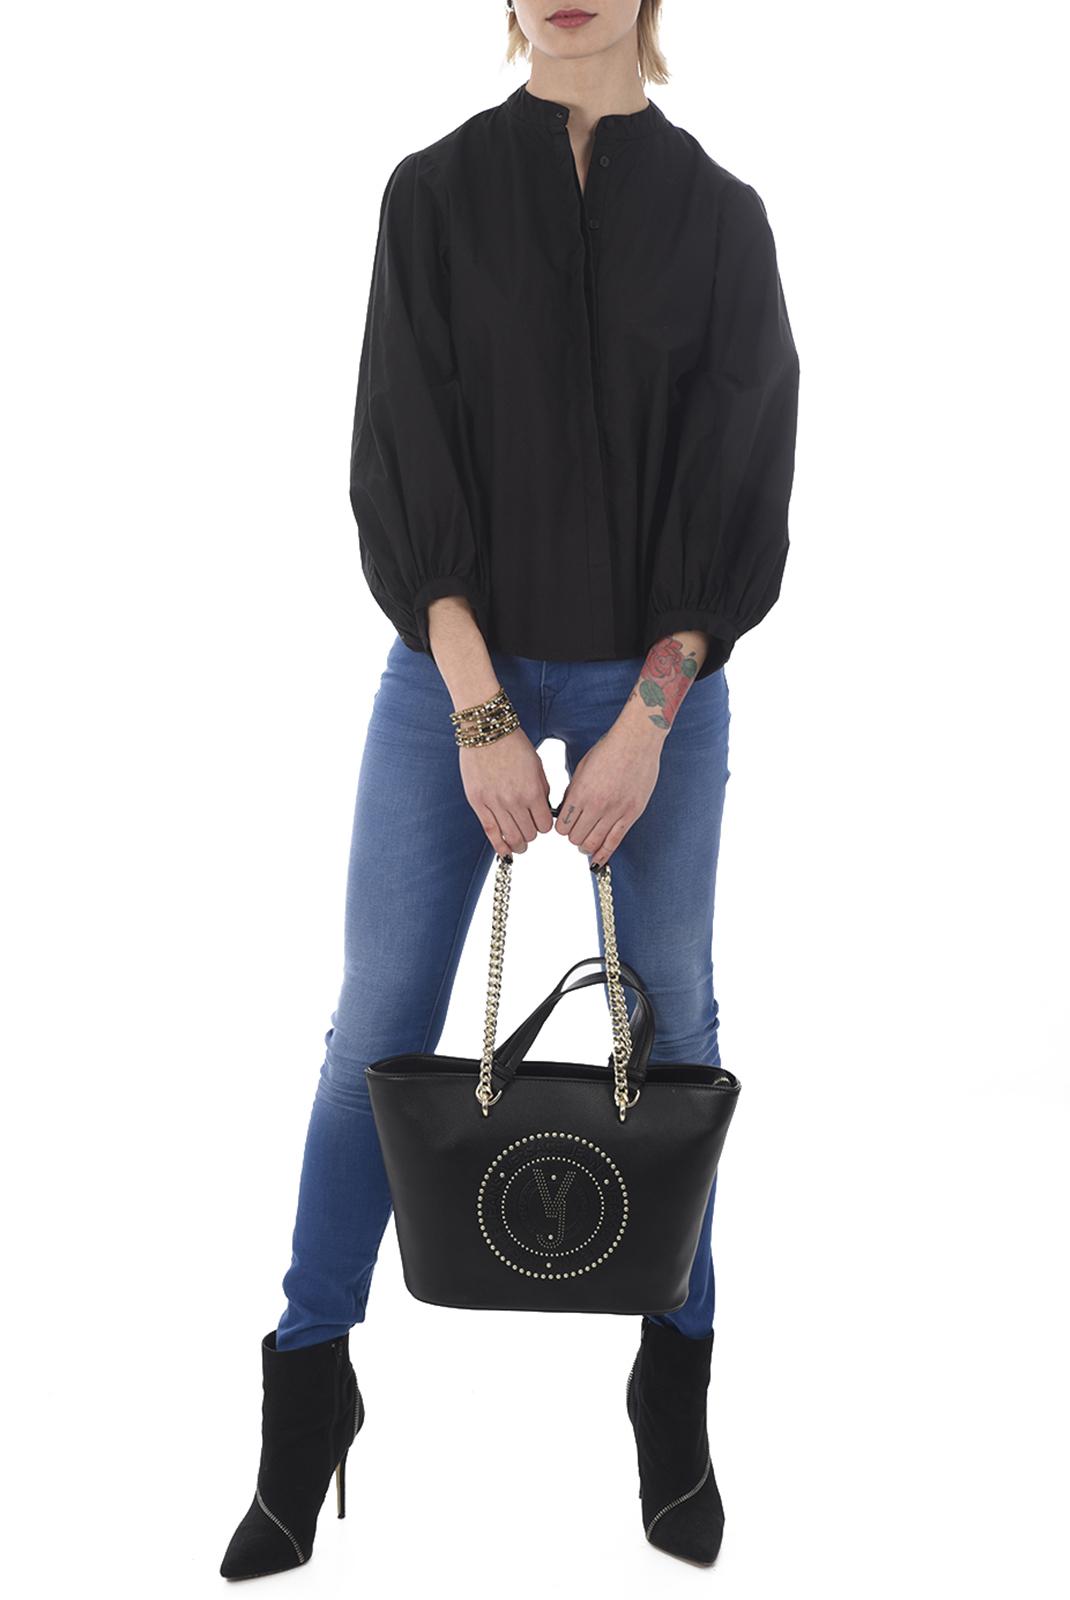 FEMME  Vero moda THEA LS BELL SLEEVE SKIRT D2-7 BLACK